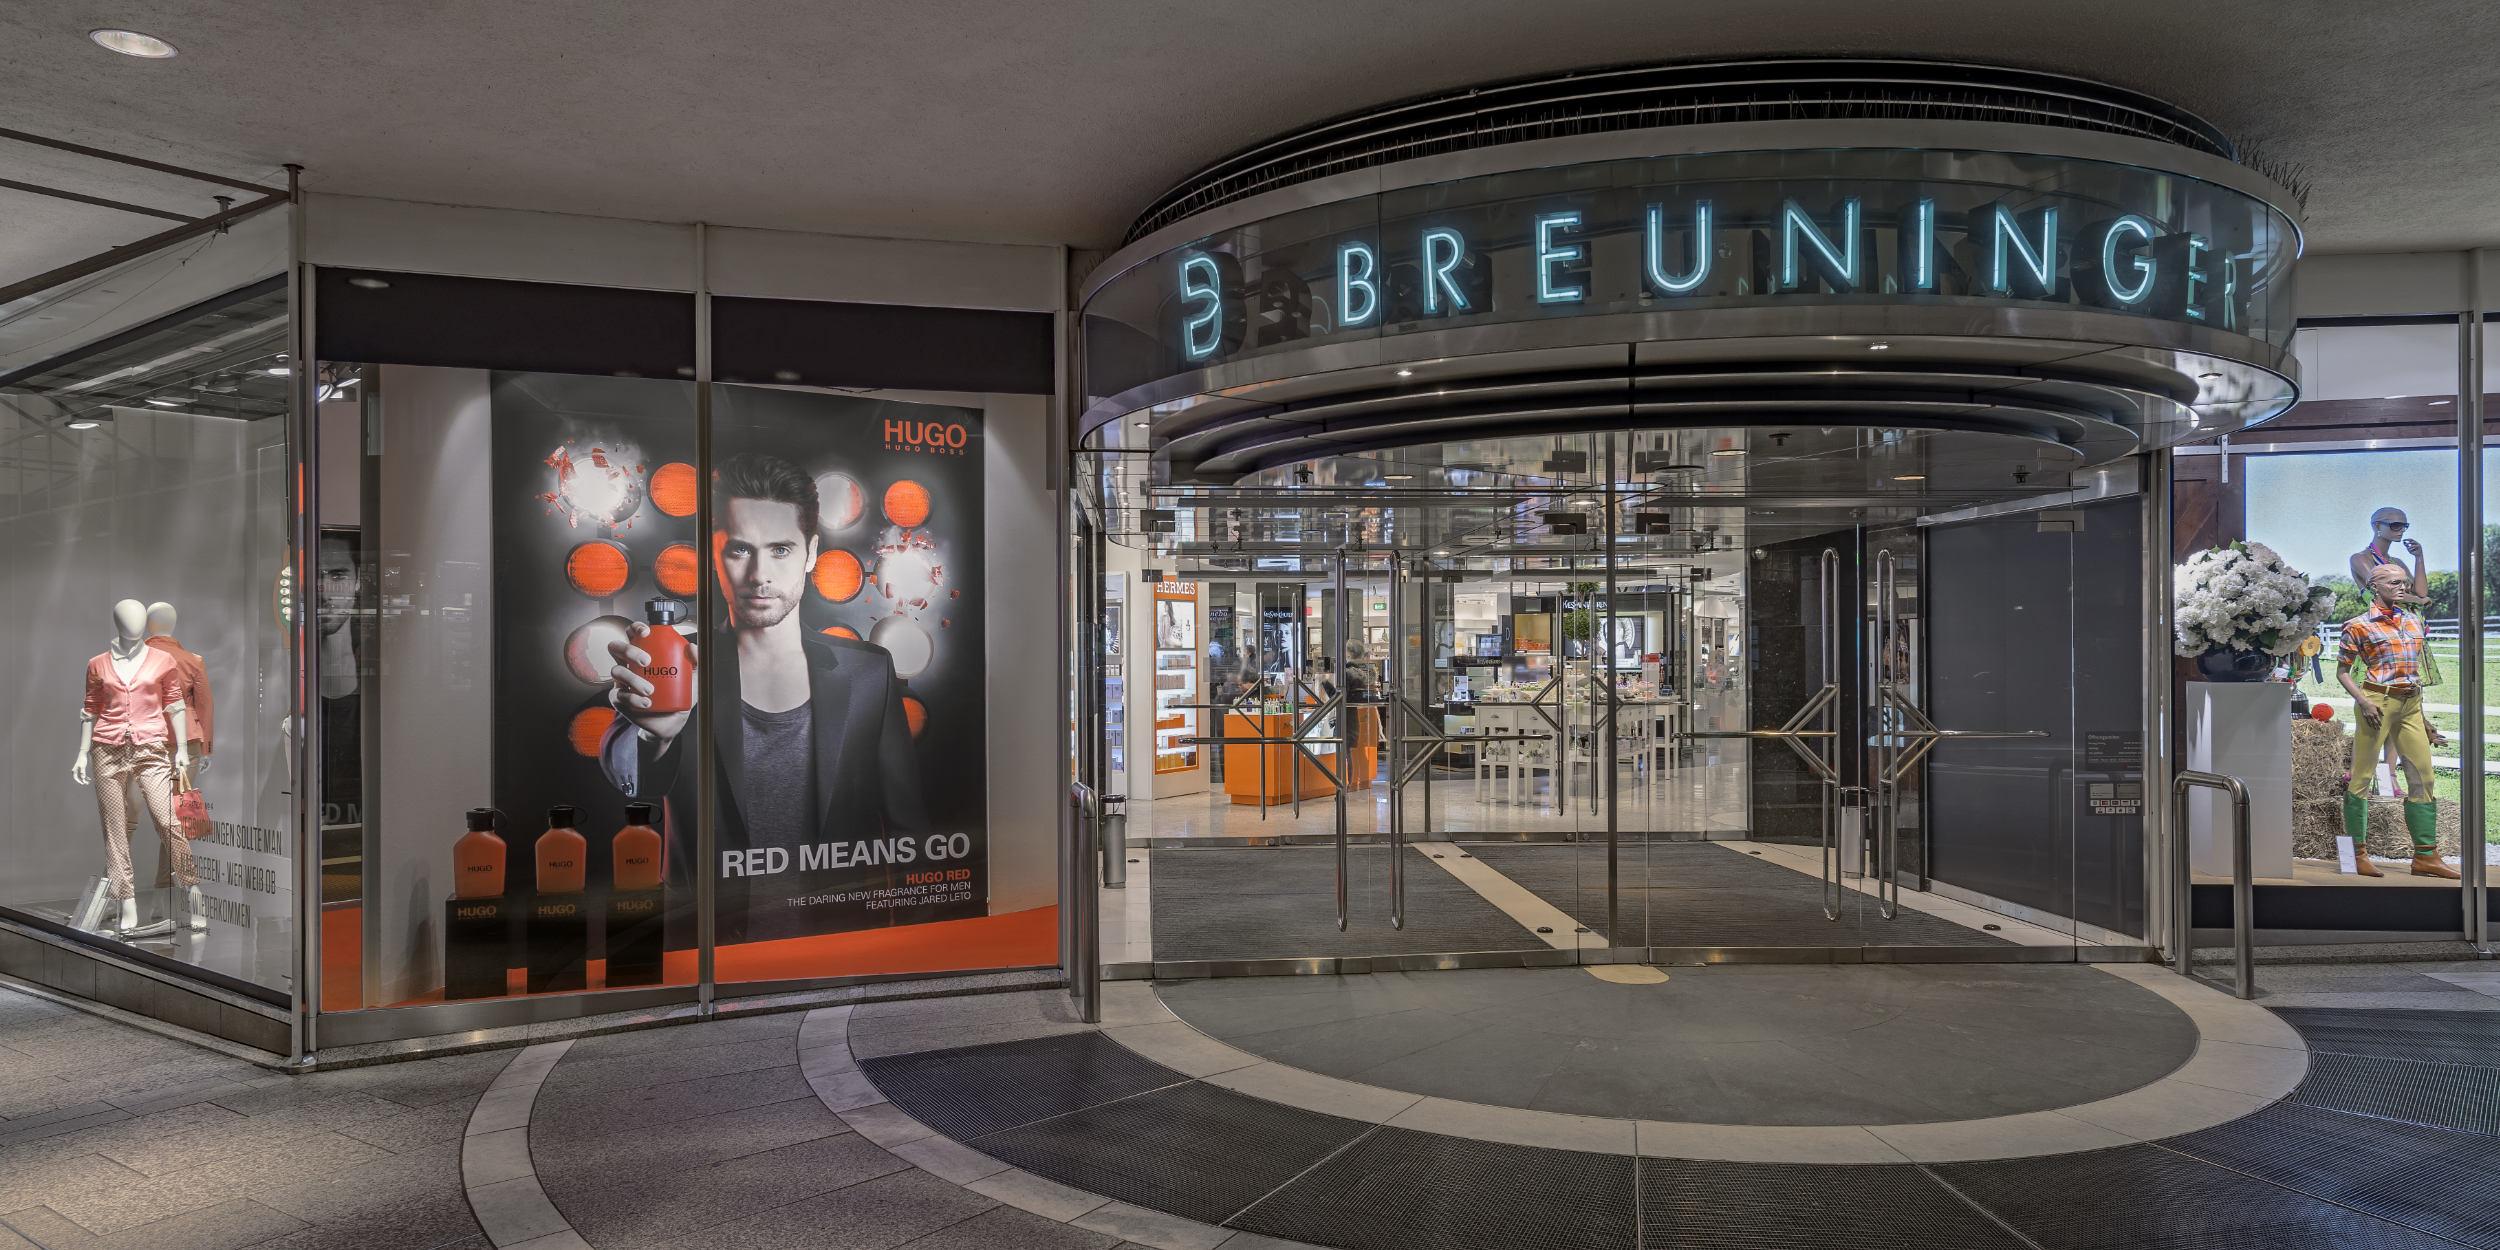 Architekturfotografie Stuttgart und Umgebung HUGO Promotion Breuninger Stuttgart Schaufenster Innenarchitektur richtige Zeit richtiger Ort